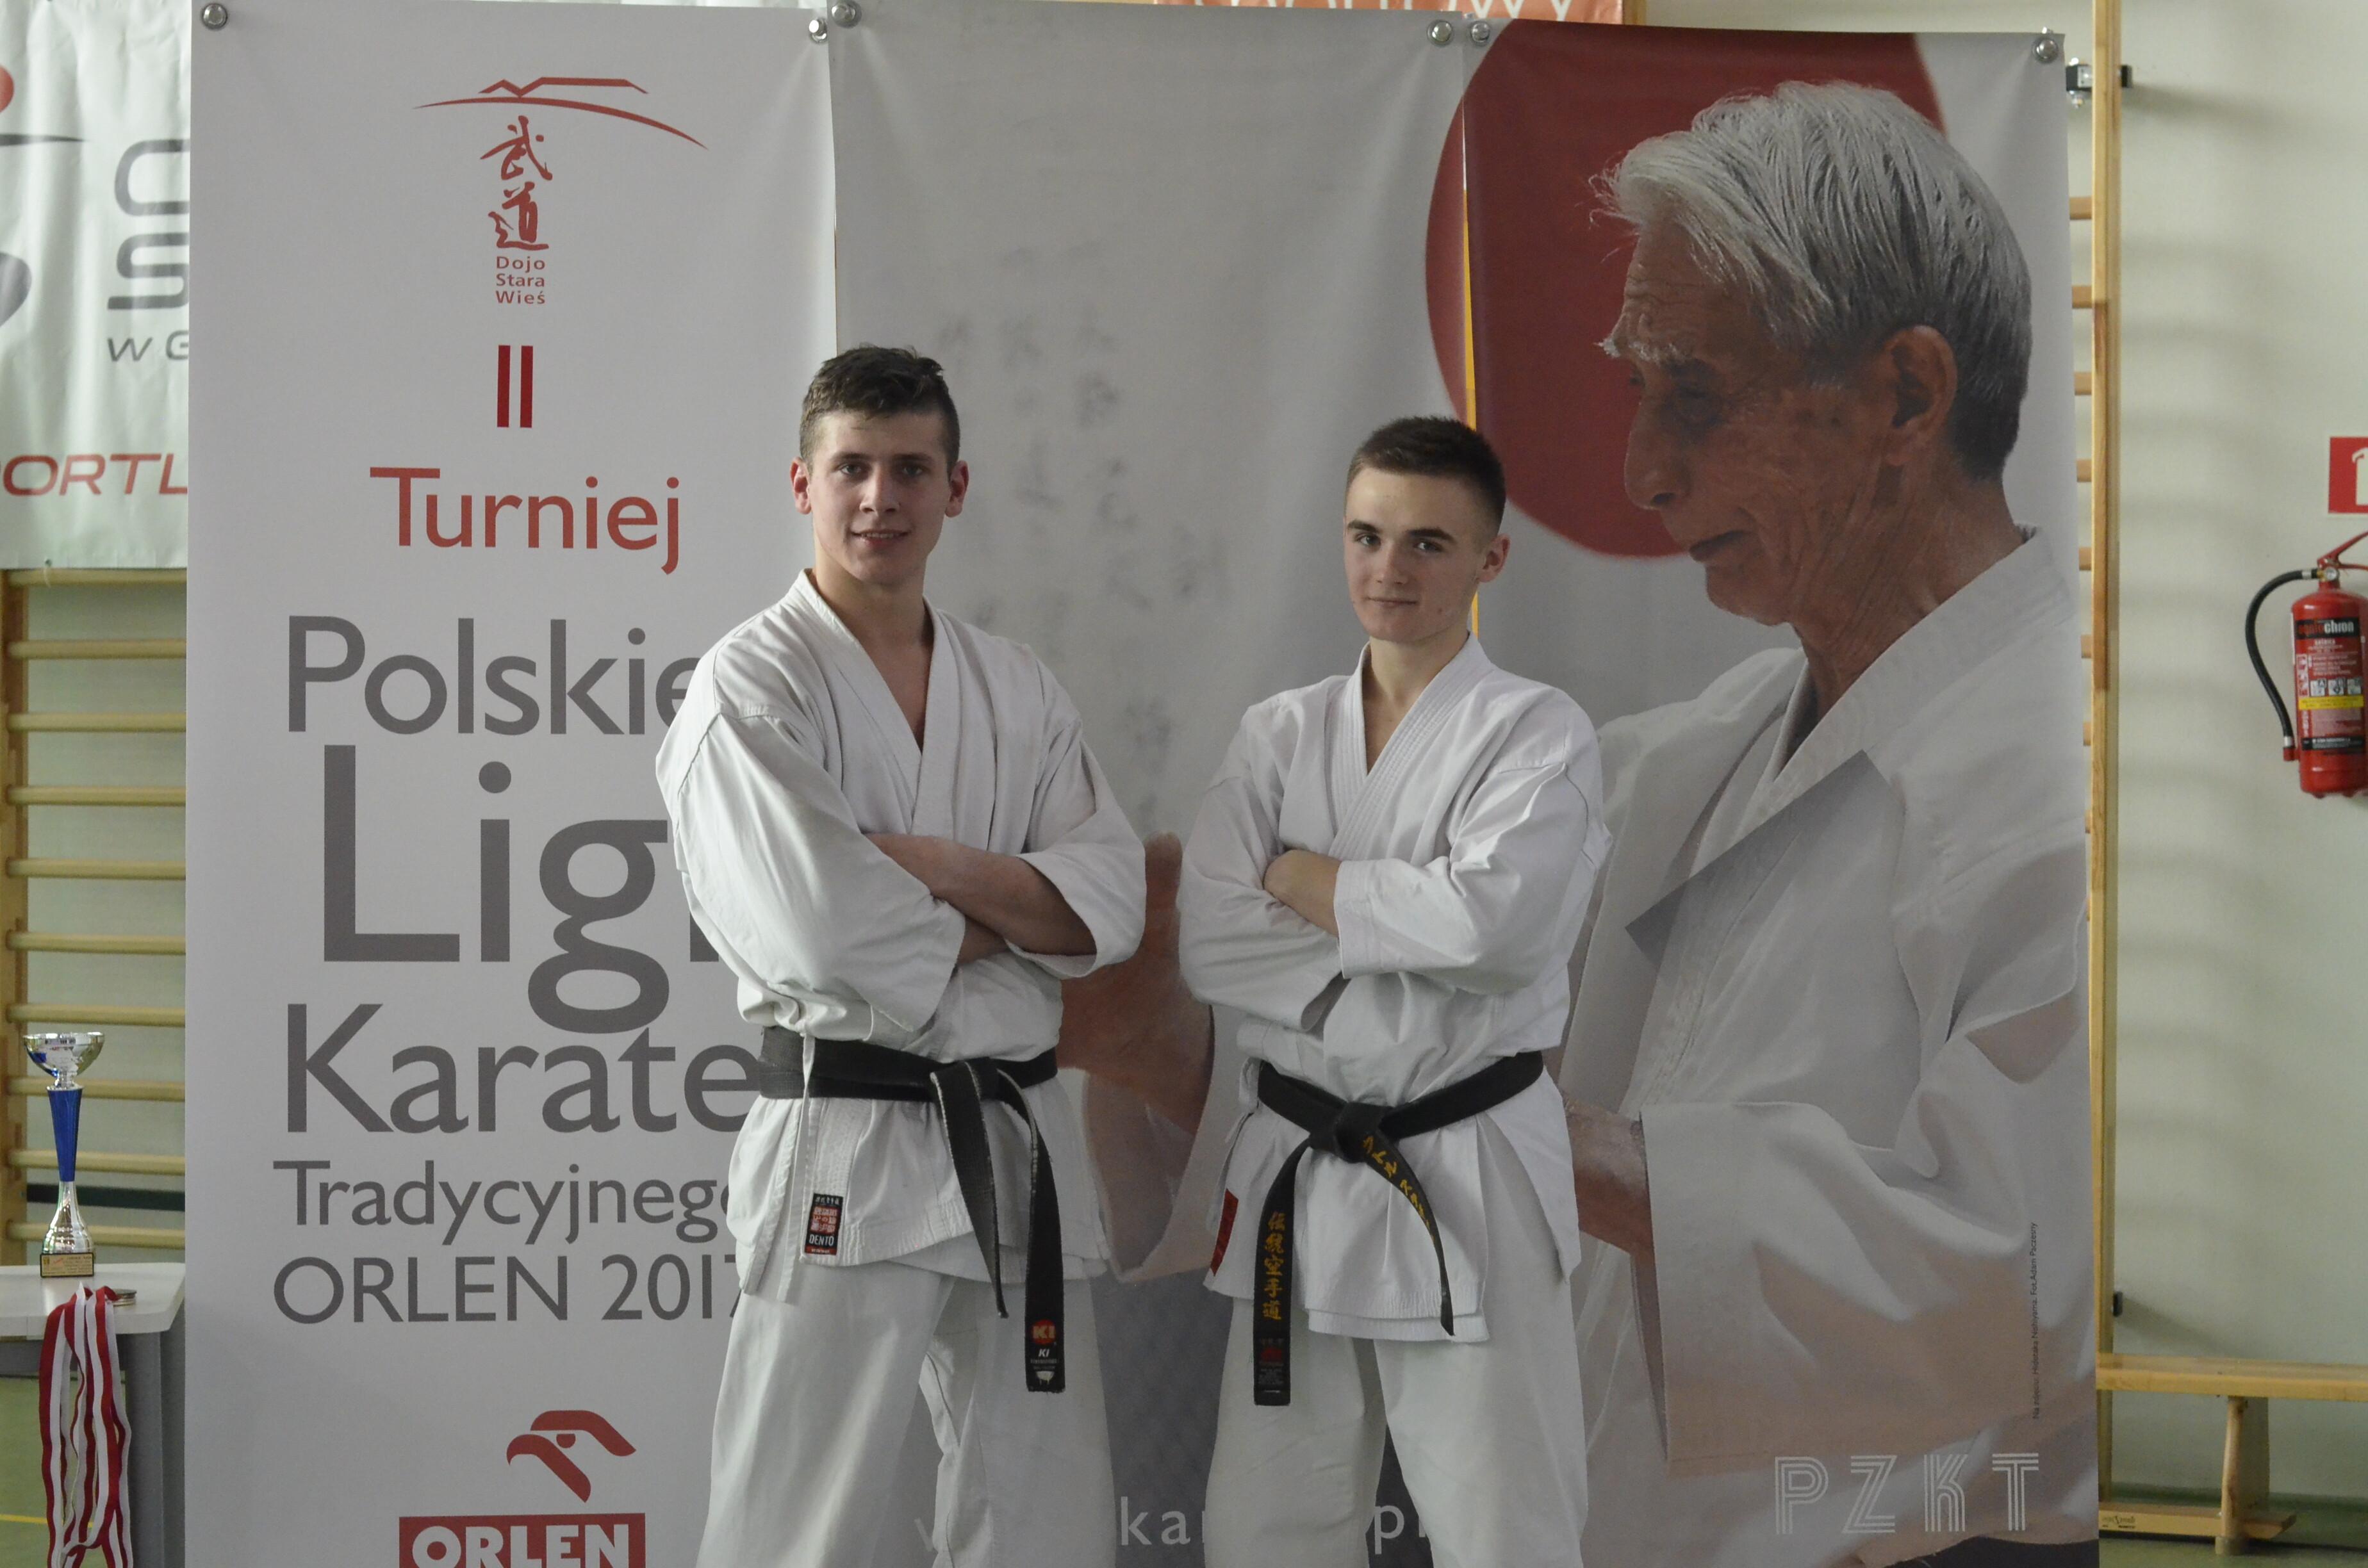 <p>Paweł Tomasik zajął drugie, Wiktor Staszak piąte miejsce w II Turnieju Polskiej Ligi Karate Tradycyjnego ORLEN 2017. Zawody odbyły się 8 kwietnia w Centrum Edukacji i Sportu w Mysiadle pod Warszawą.</p>